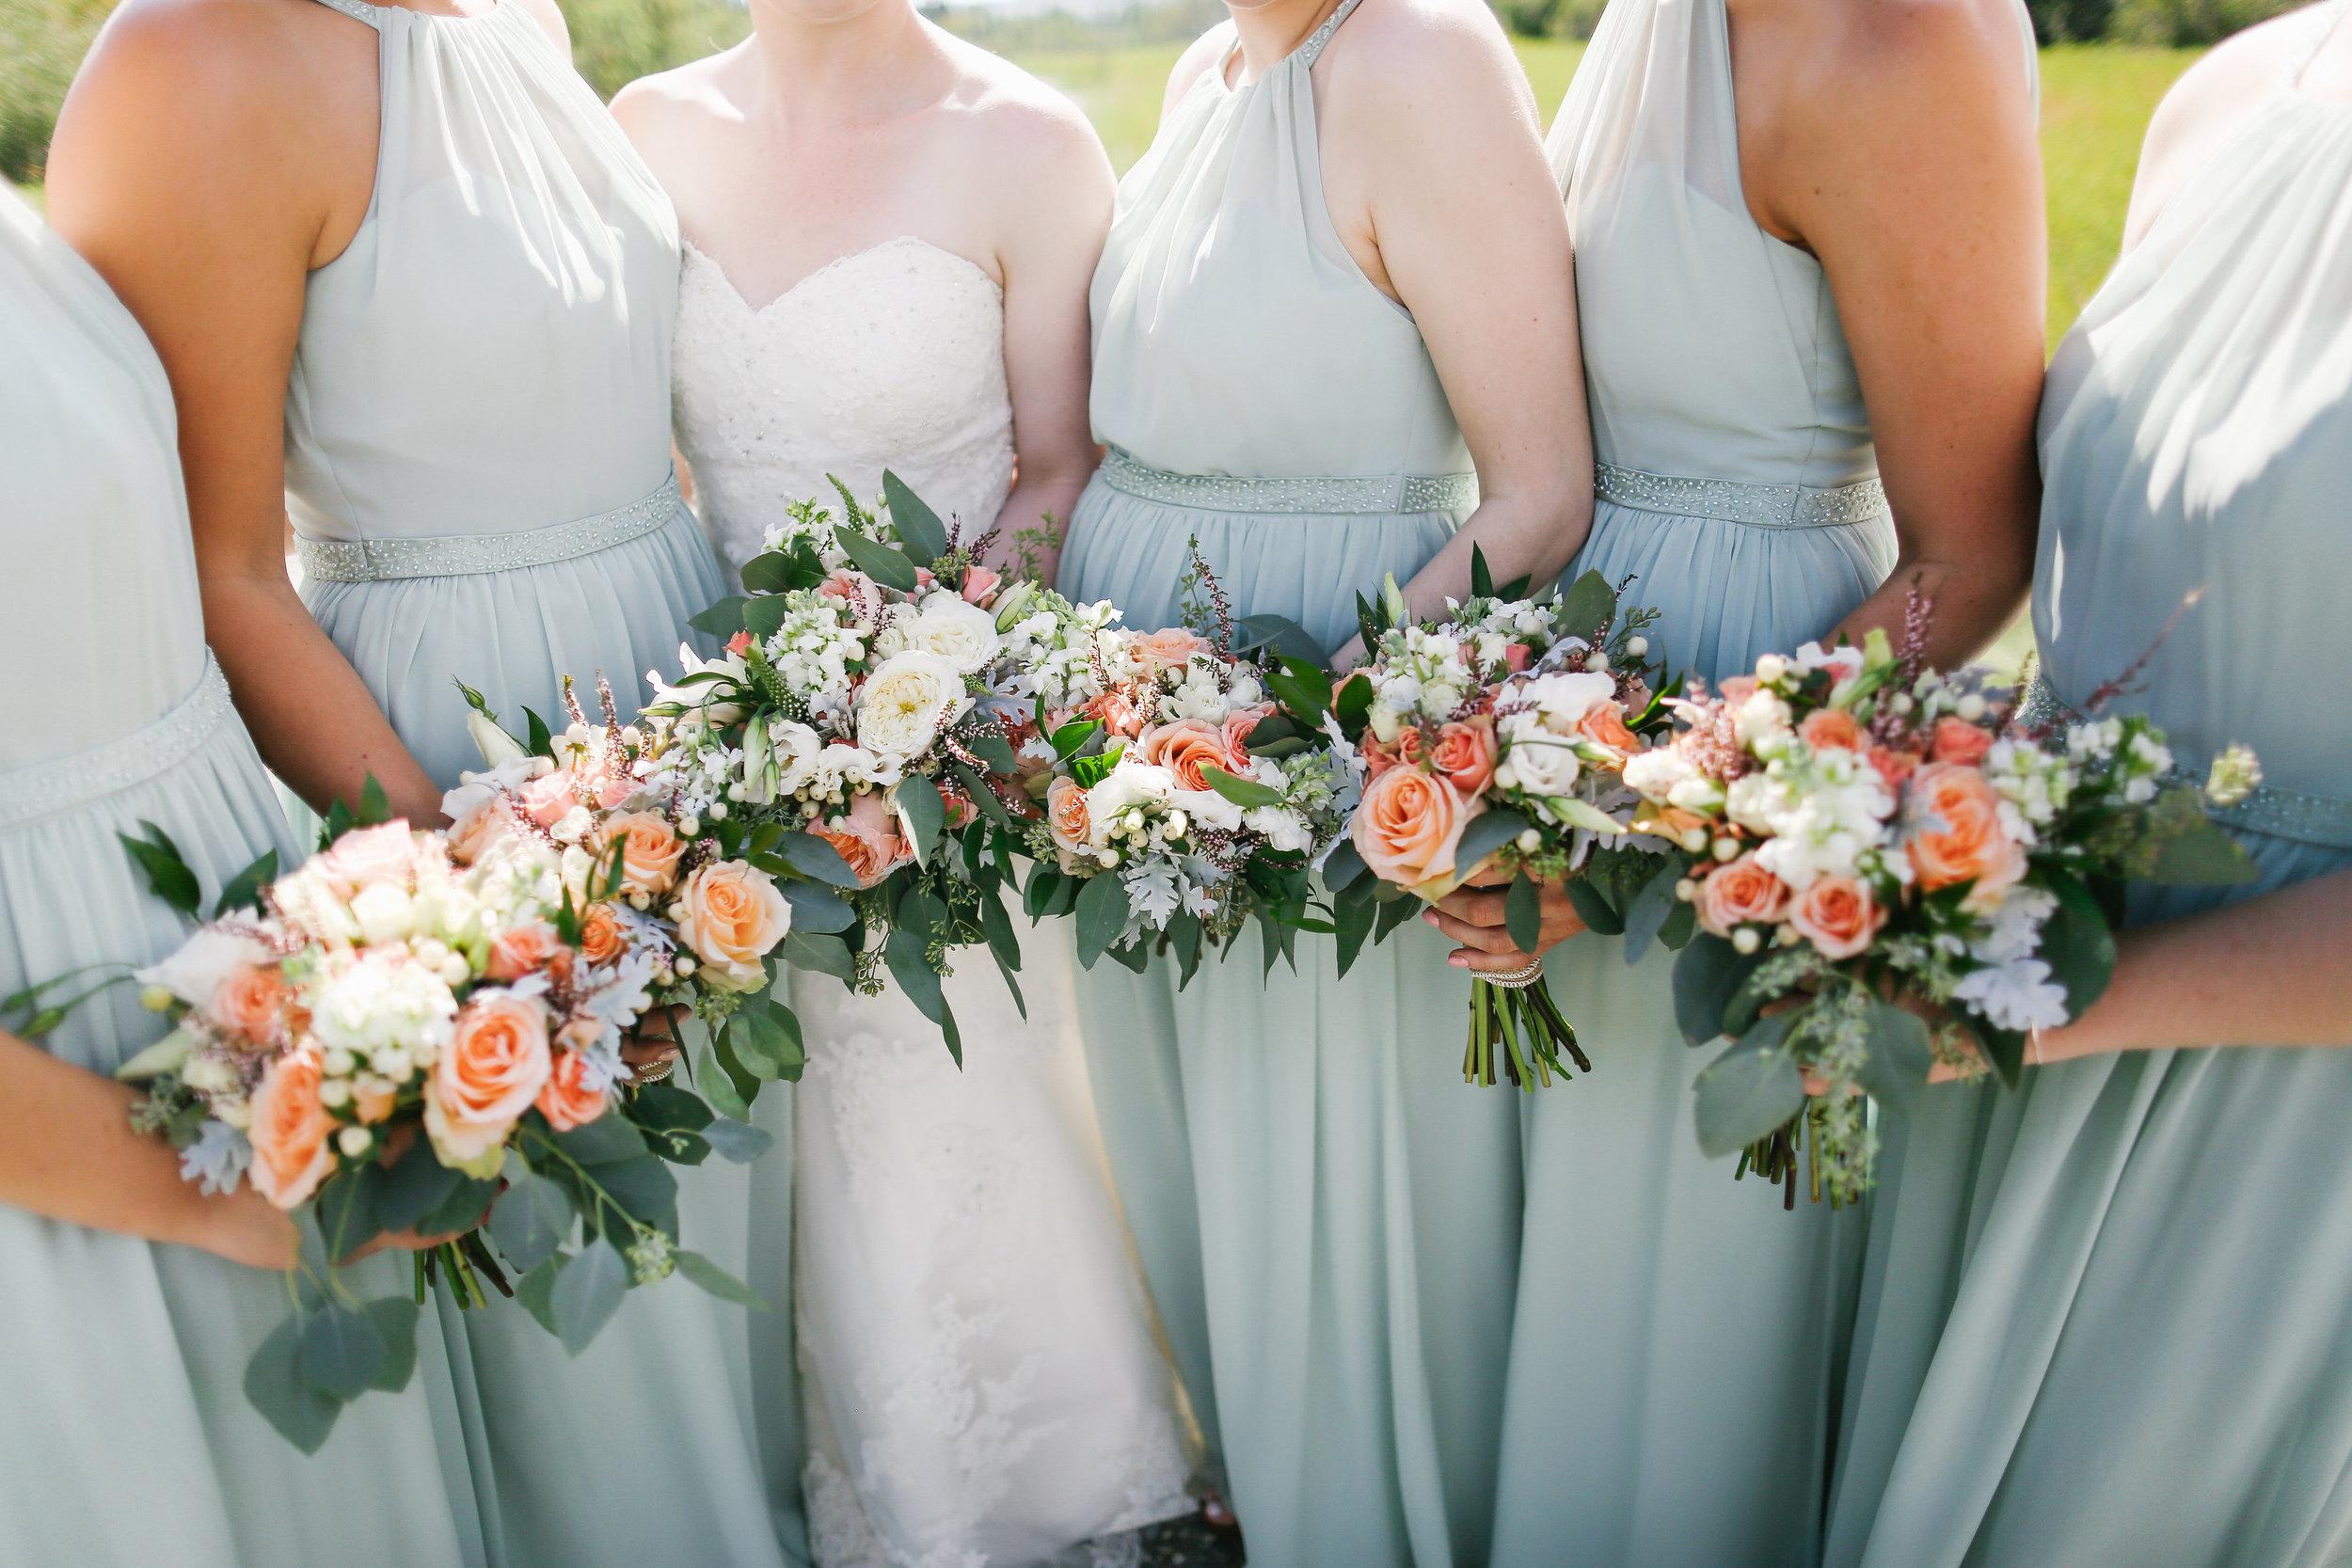 bridal party wedding flowers custom